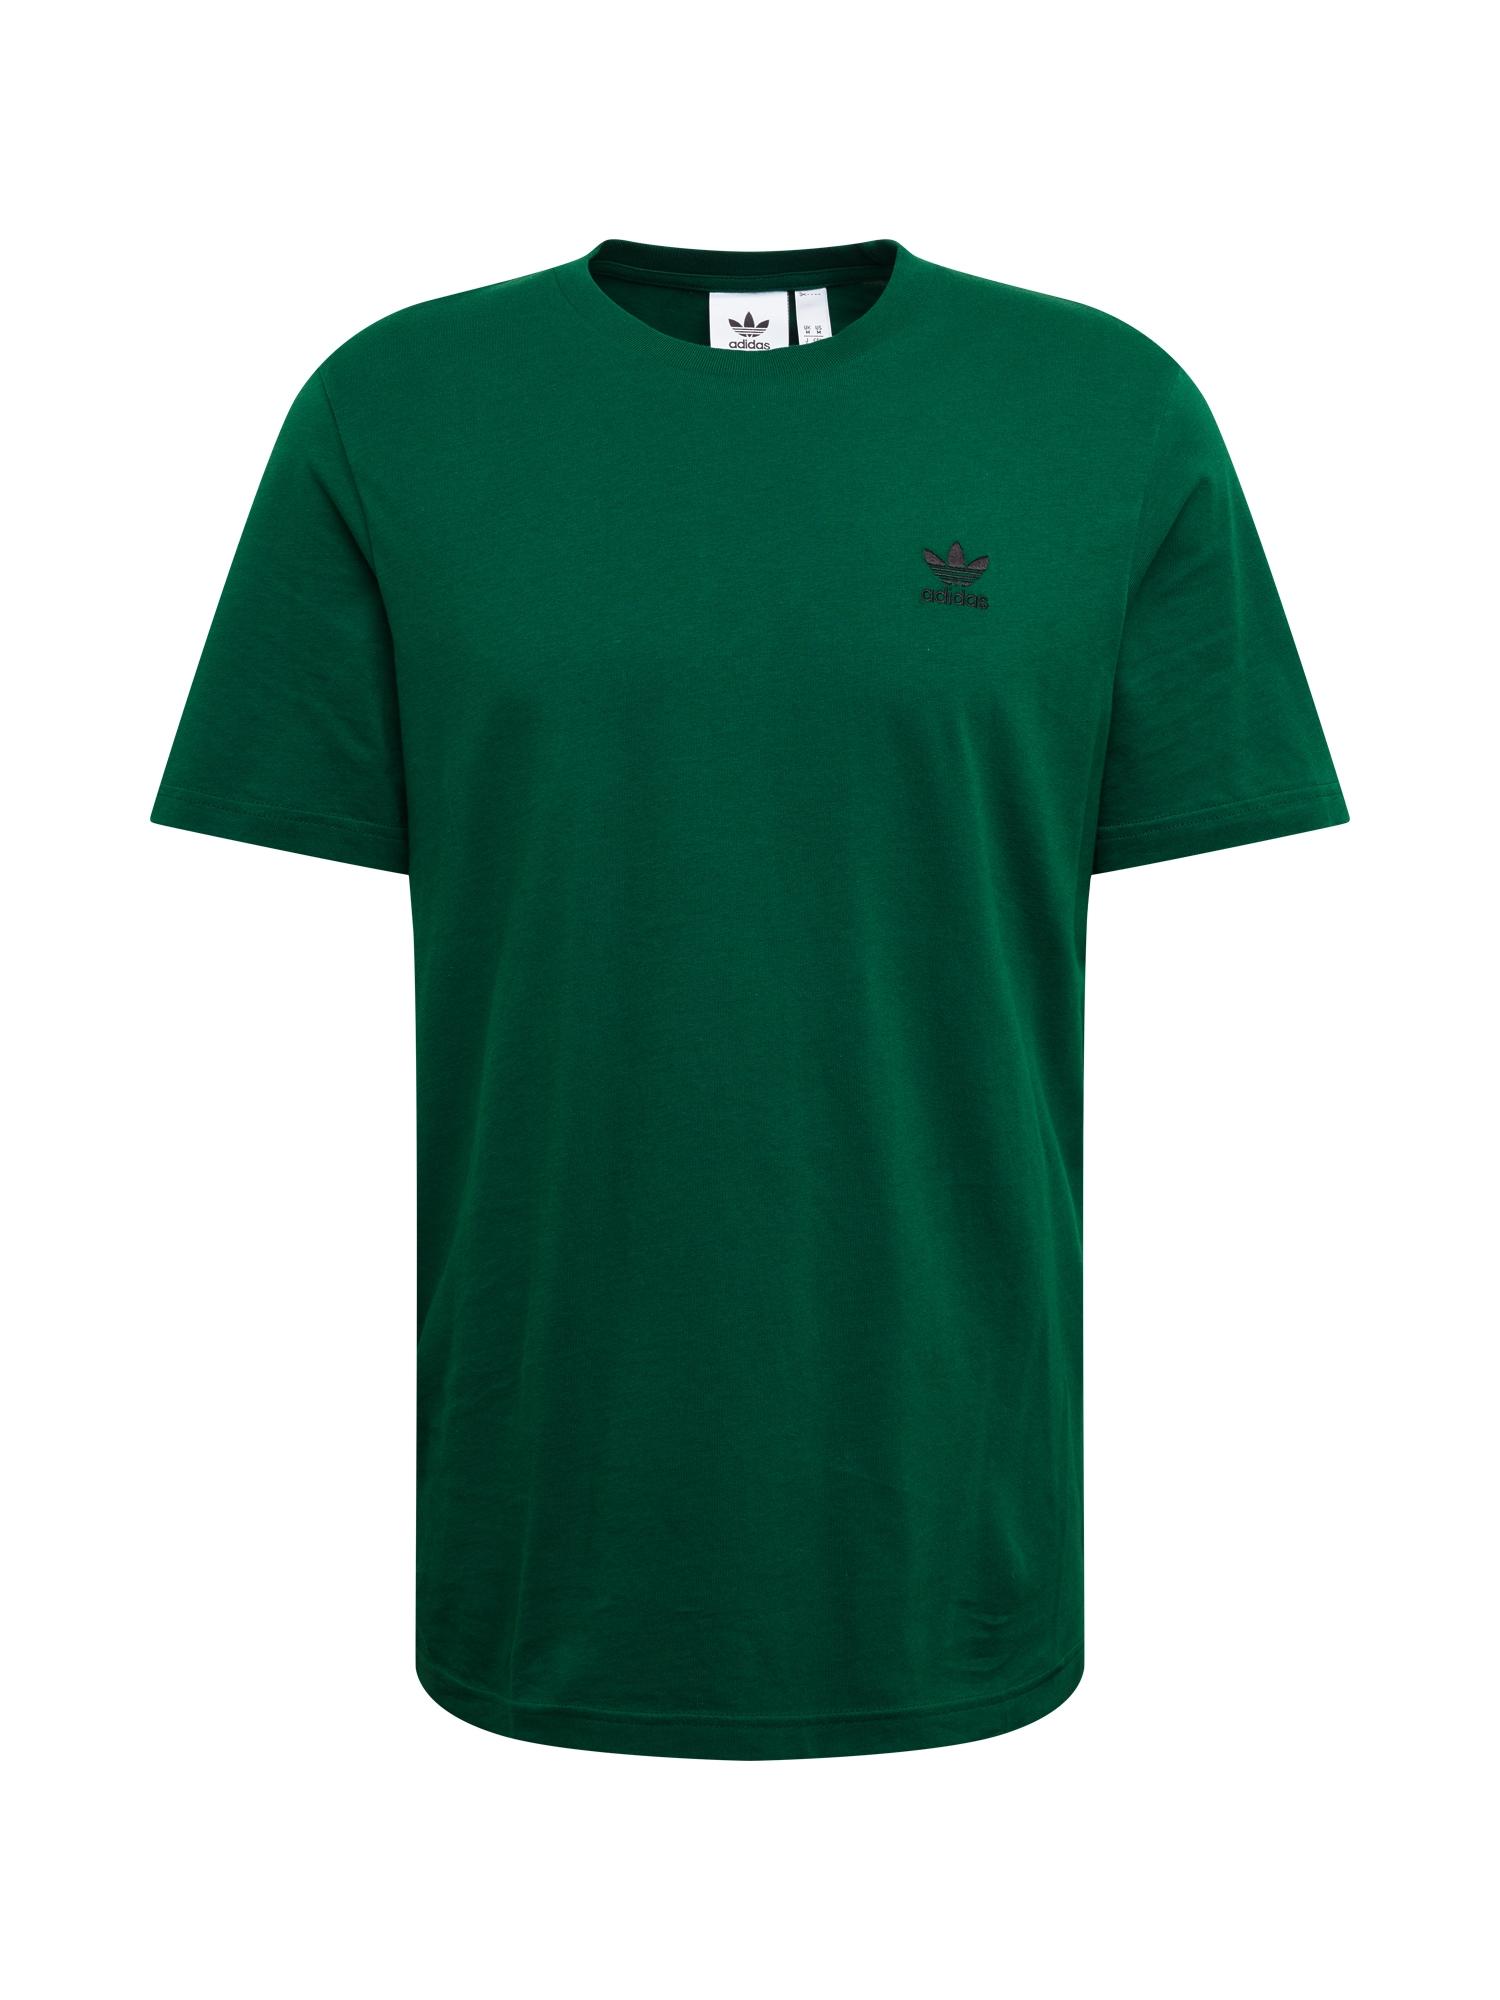 ADIDAS ORIGINALS Marškinėliai 'ESSENTIAL' tamsiai žalia